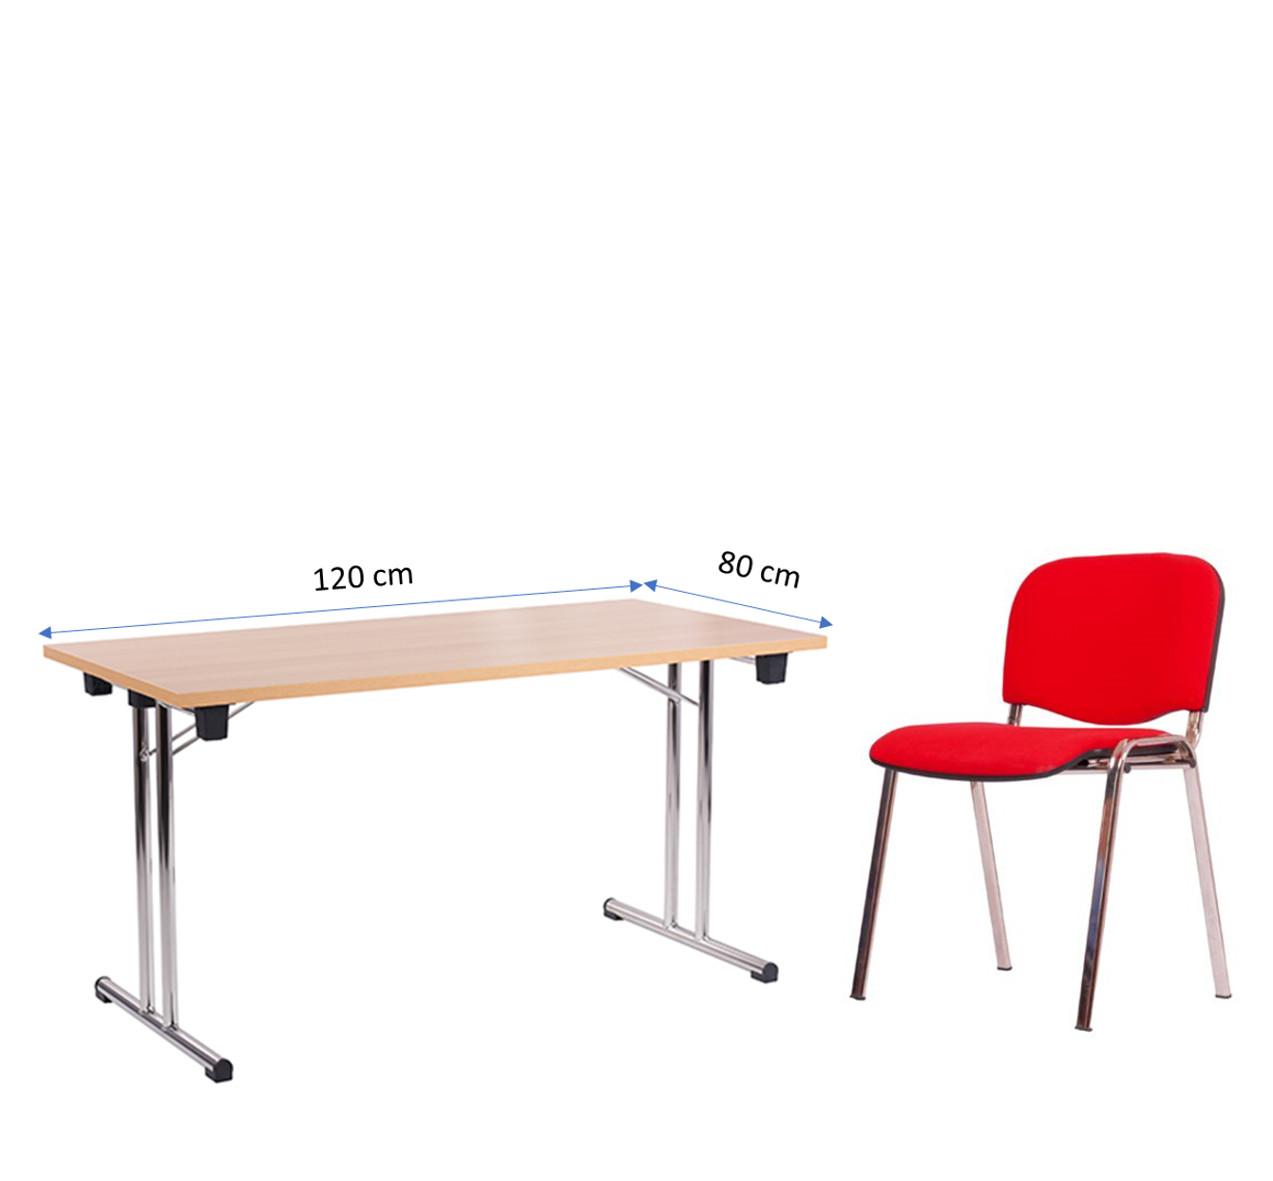 Klapptisch FT 128-25 (120 x 80 cm) mit Stapelstuhl ISO, Gestell verchromt, Bezugsstoff rot